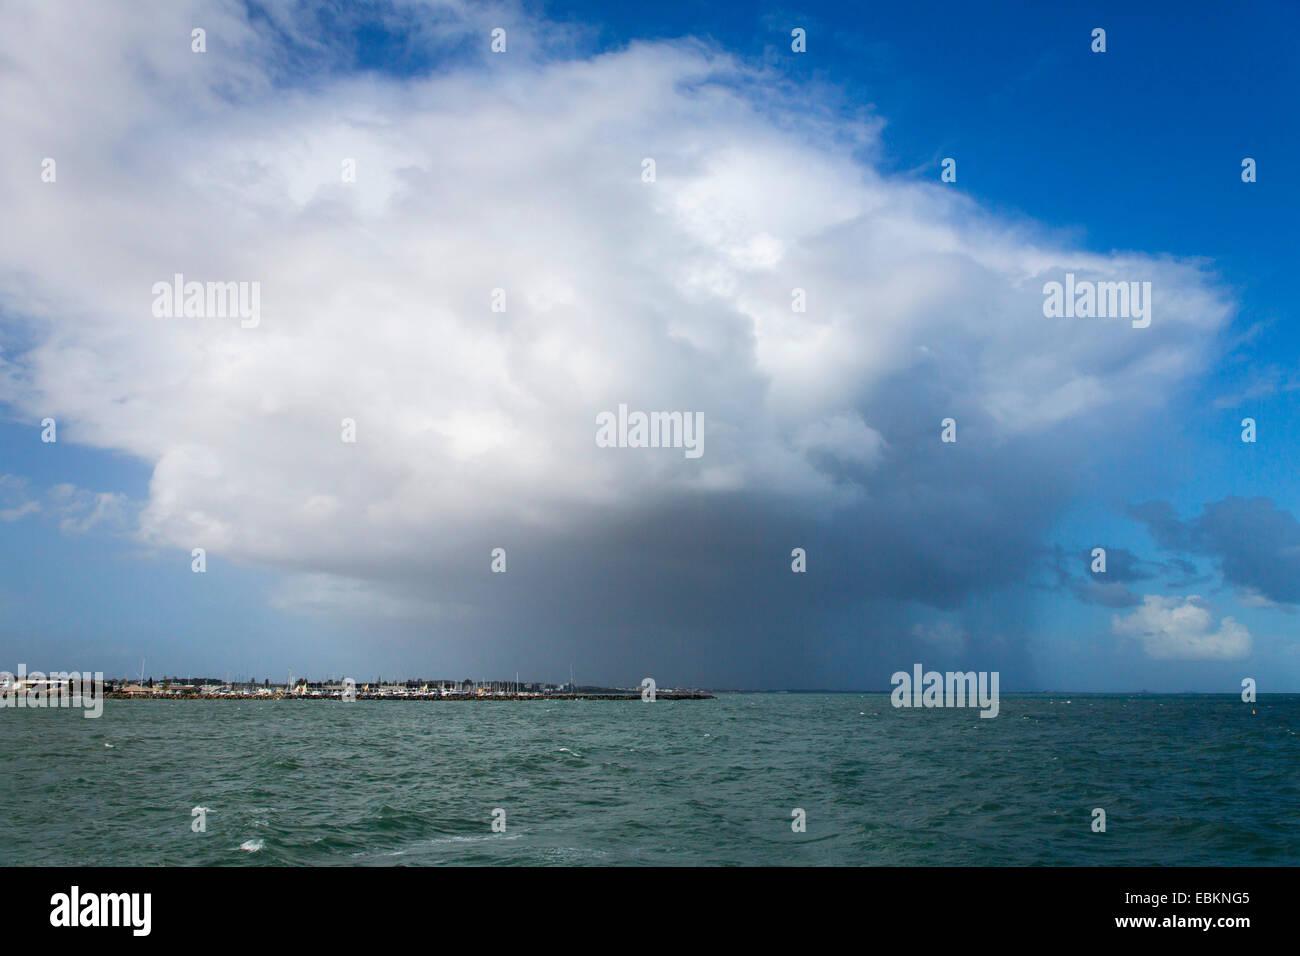 rain shower over Indian Ocean, Australia, Western Australia, Fremantle - Stock Image